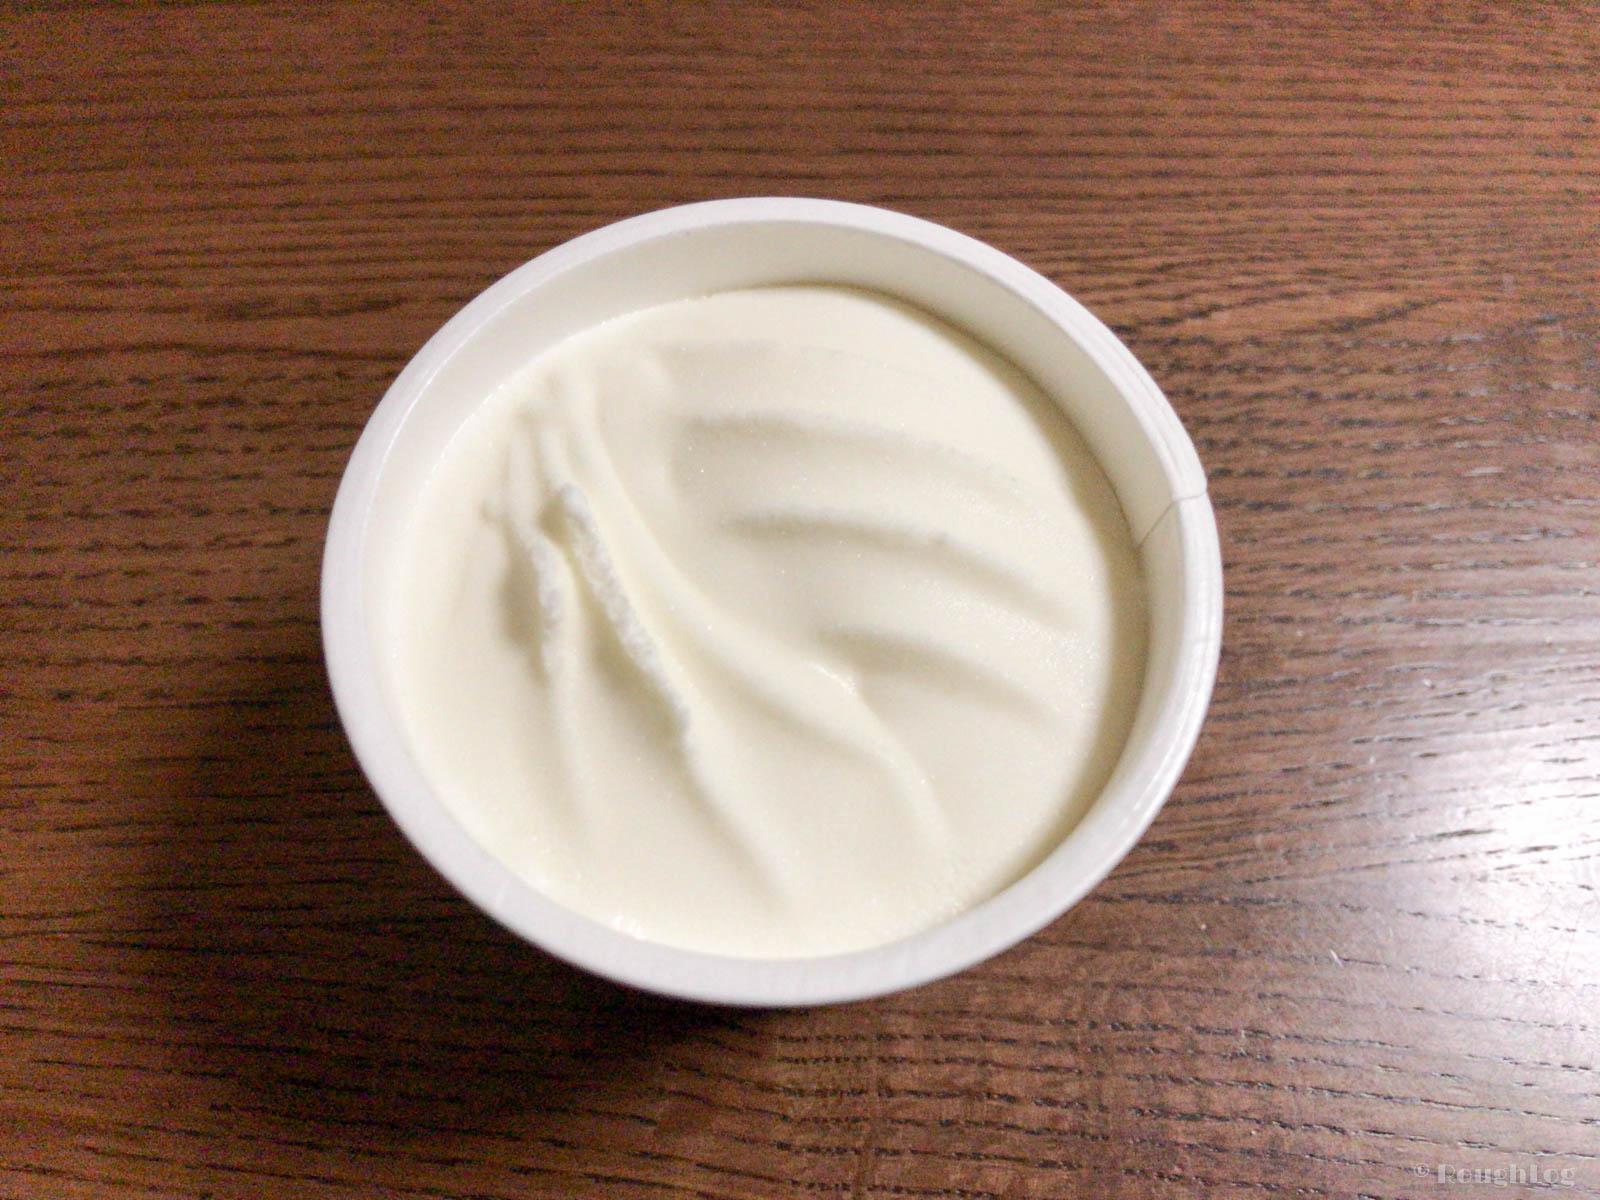 【ふるさと納税】北海道豊富町「とよとみ牛乳ソフトクリーム」とよとみミルク味